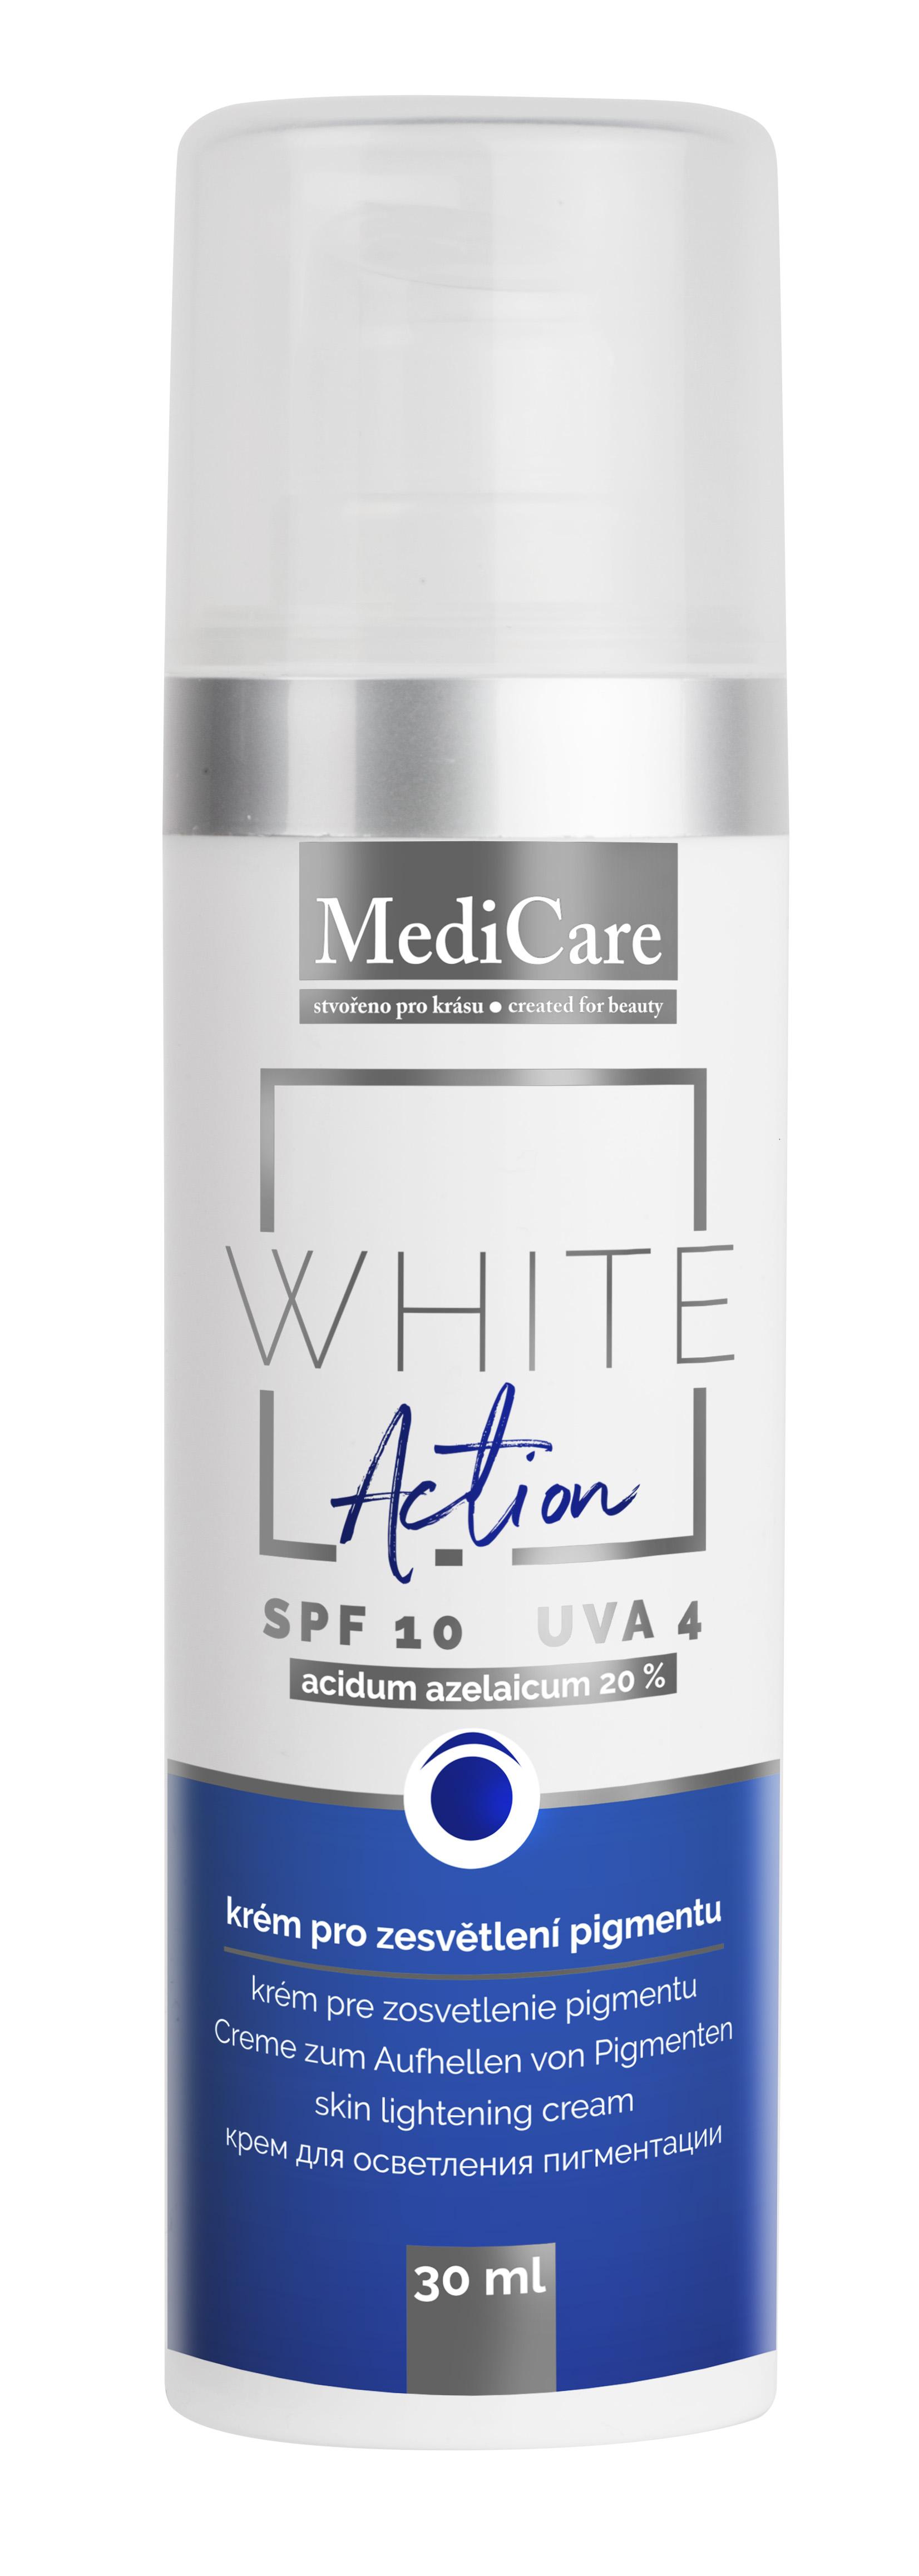 SynCare White Action Krém pro zesvětlování pigmentových skvrn a prevenci rosacei 75 ml + DOPRAVA ZDARMA po celý rok!